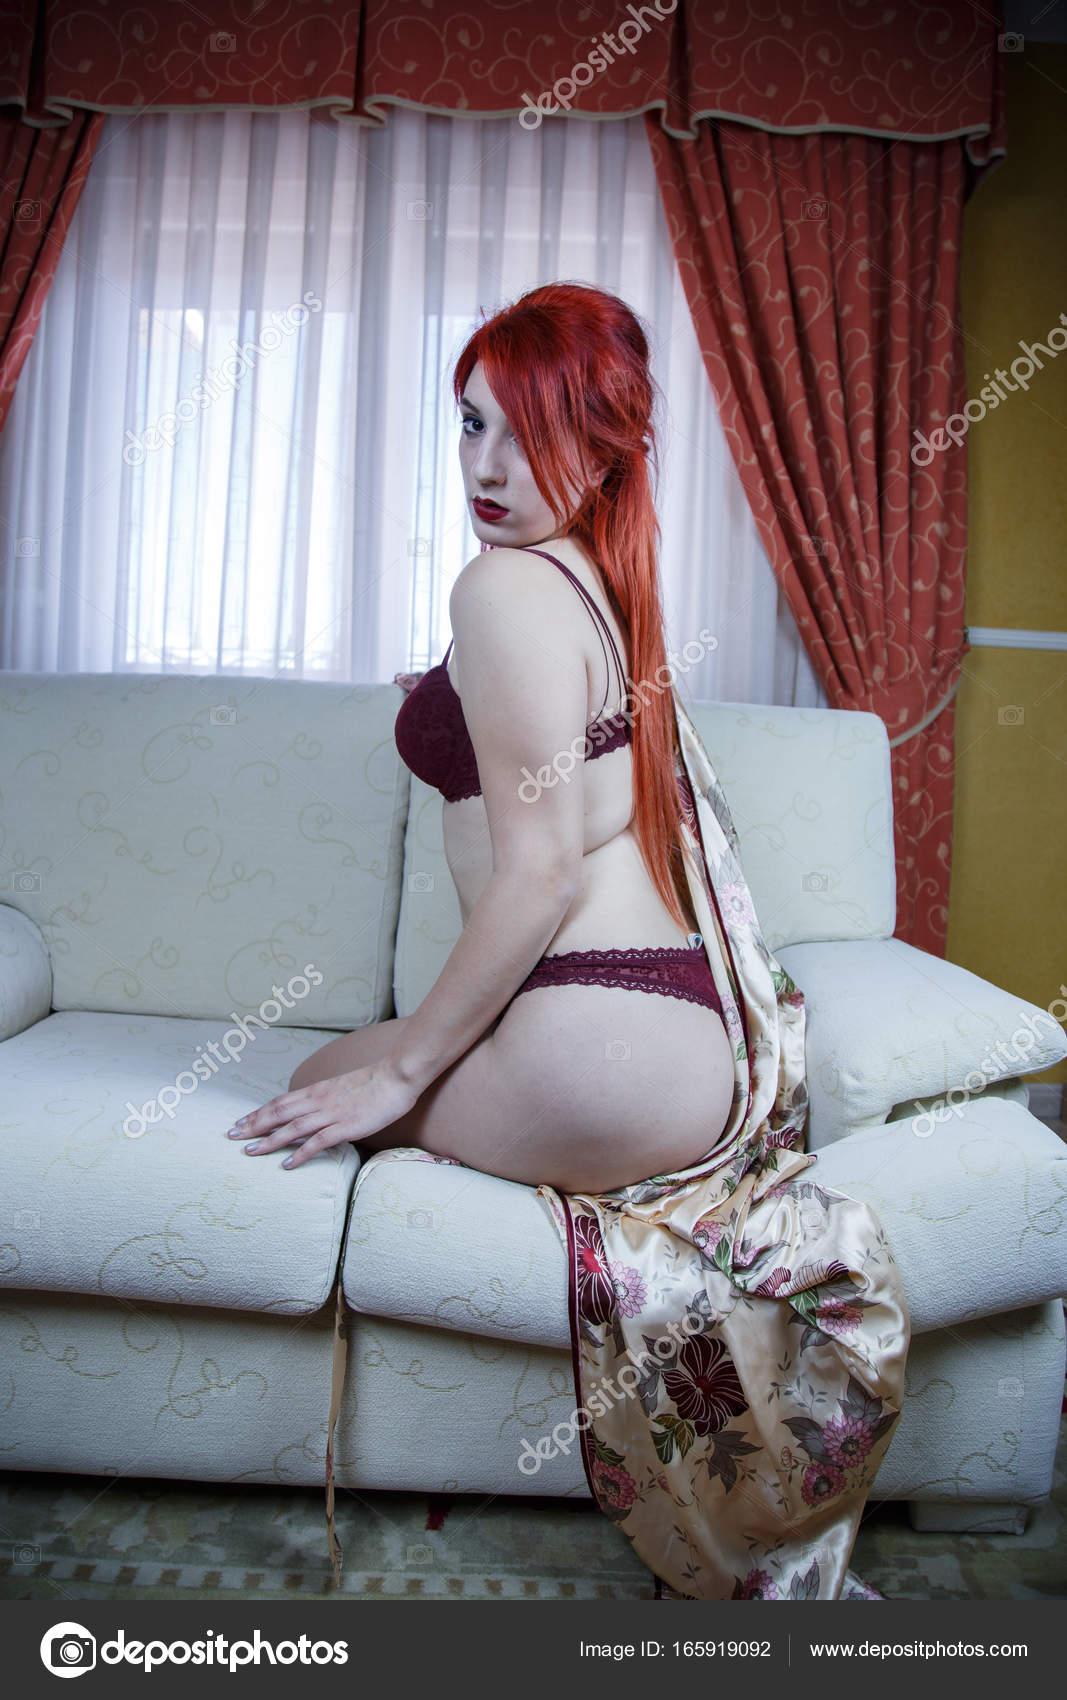 Nackt Im Wohnzimmer | Rote Behaarte Madchen Halb Nackt Wohnzimmer Ihres Hauses Sie Stutzte